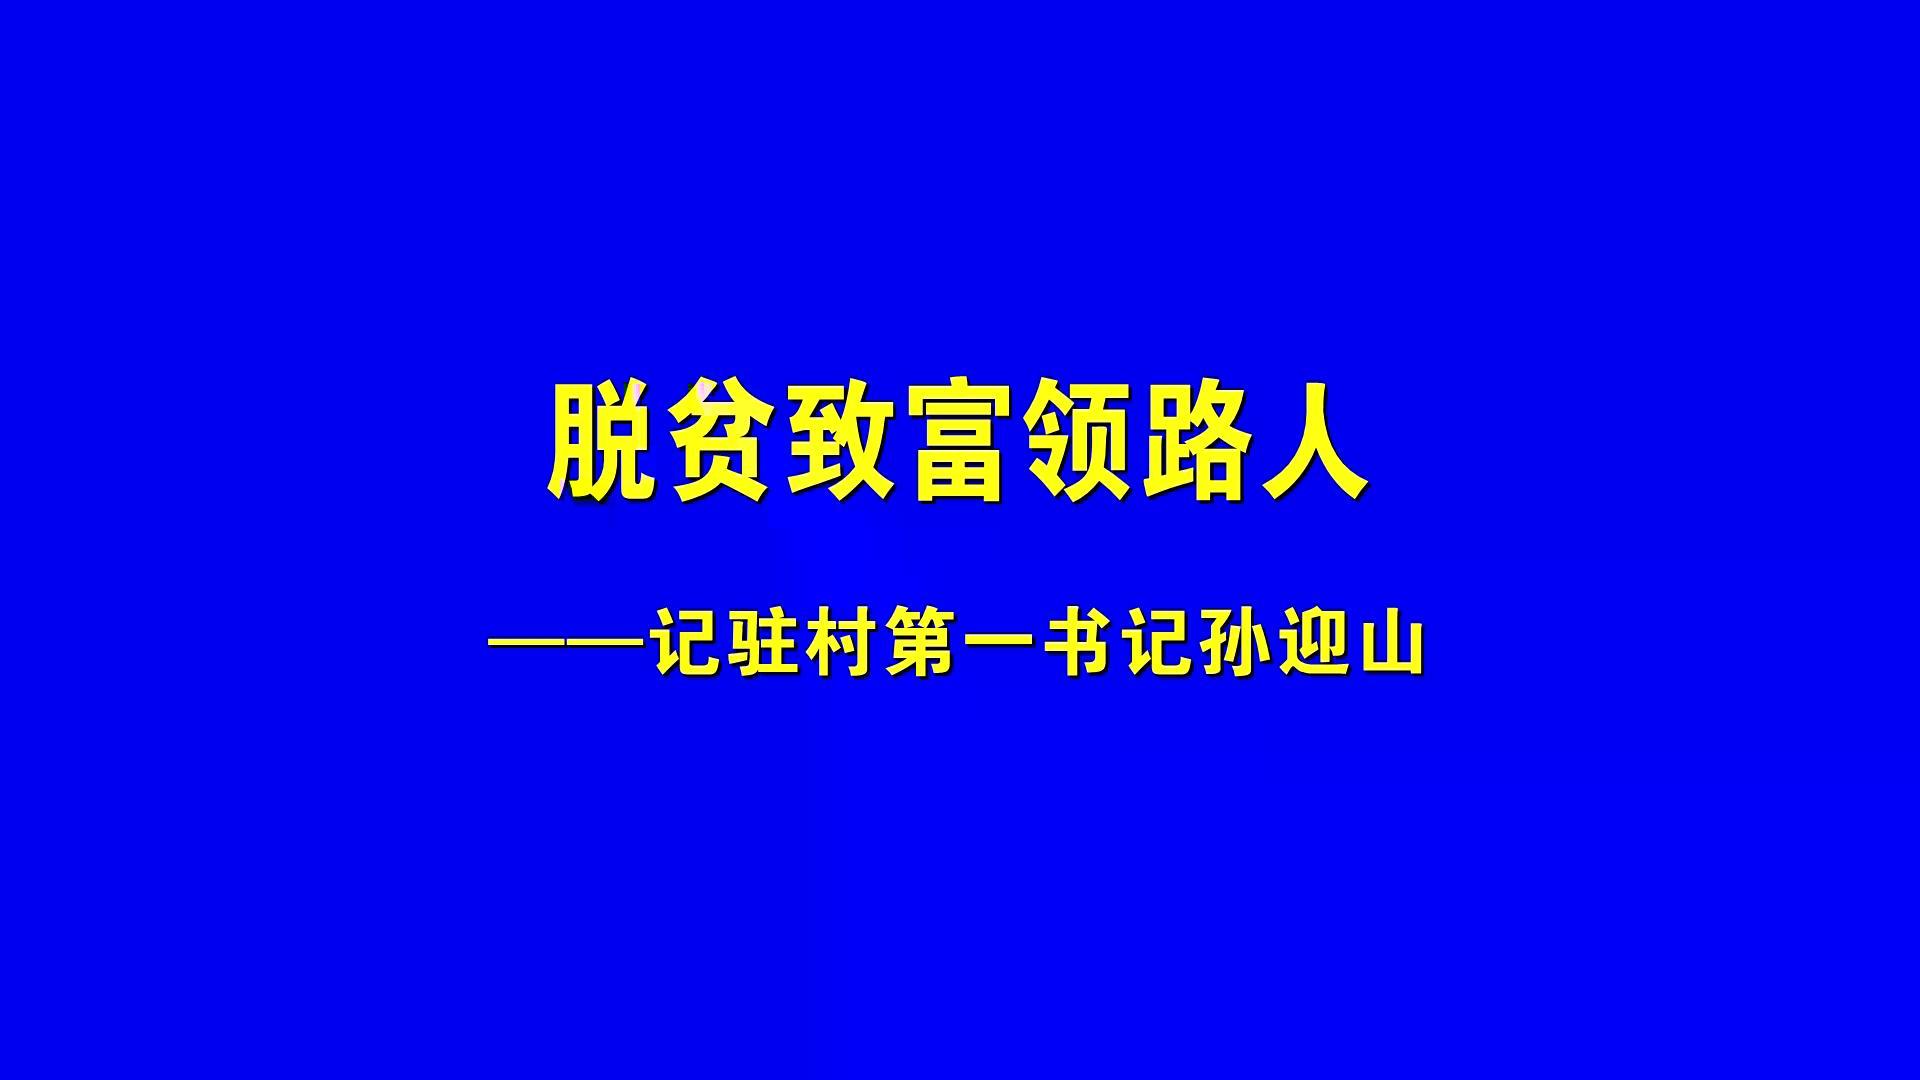 潼關縣委統戰部:脫貧致富領路人